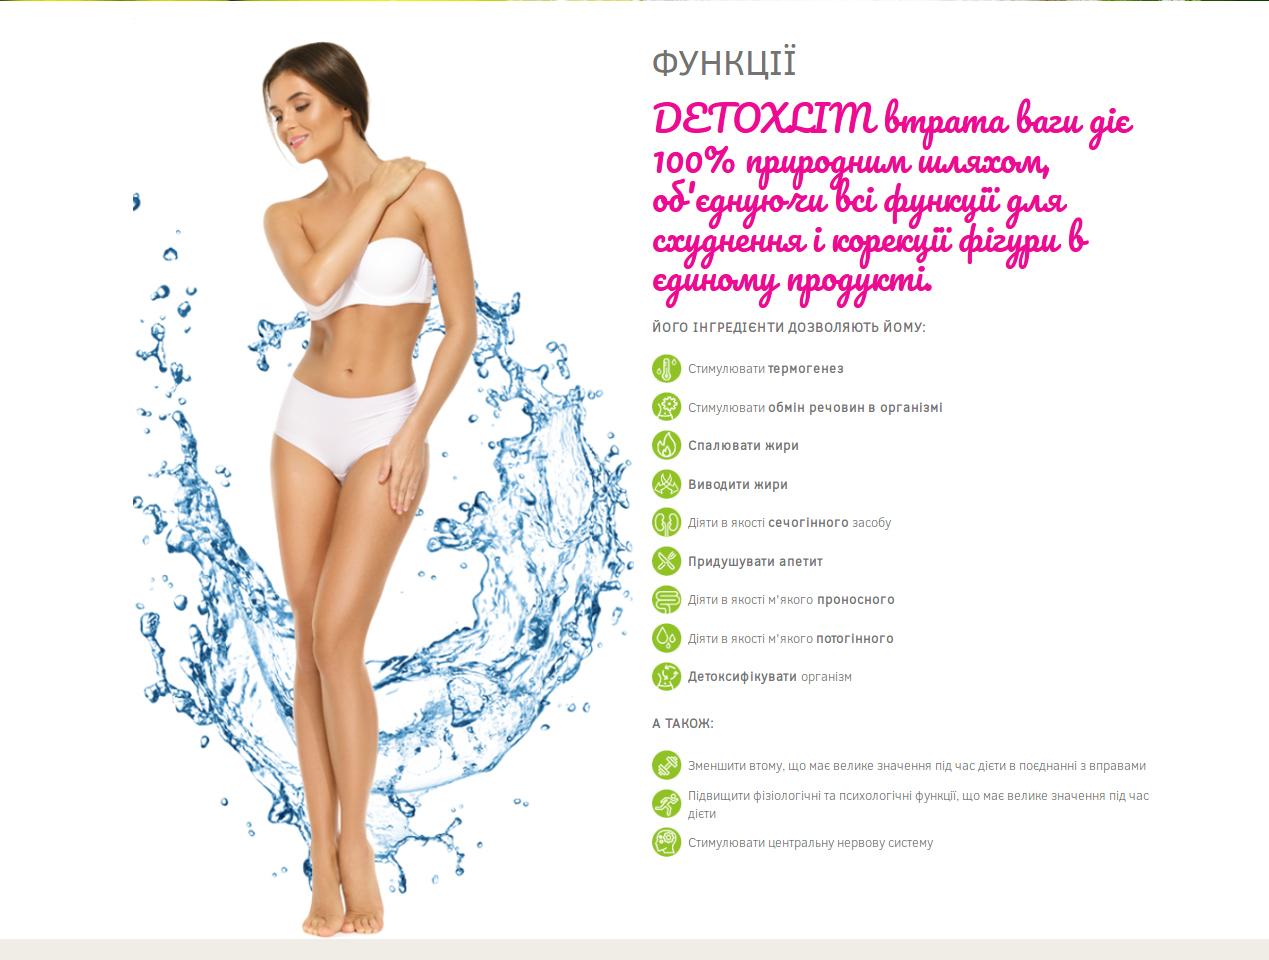 Сайт-презентація засобу для схуднення, сторінка продукту